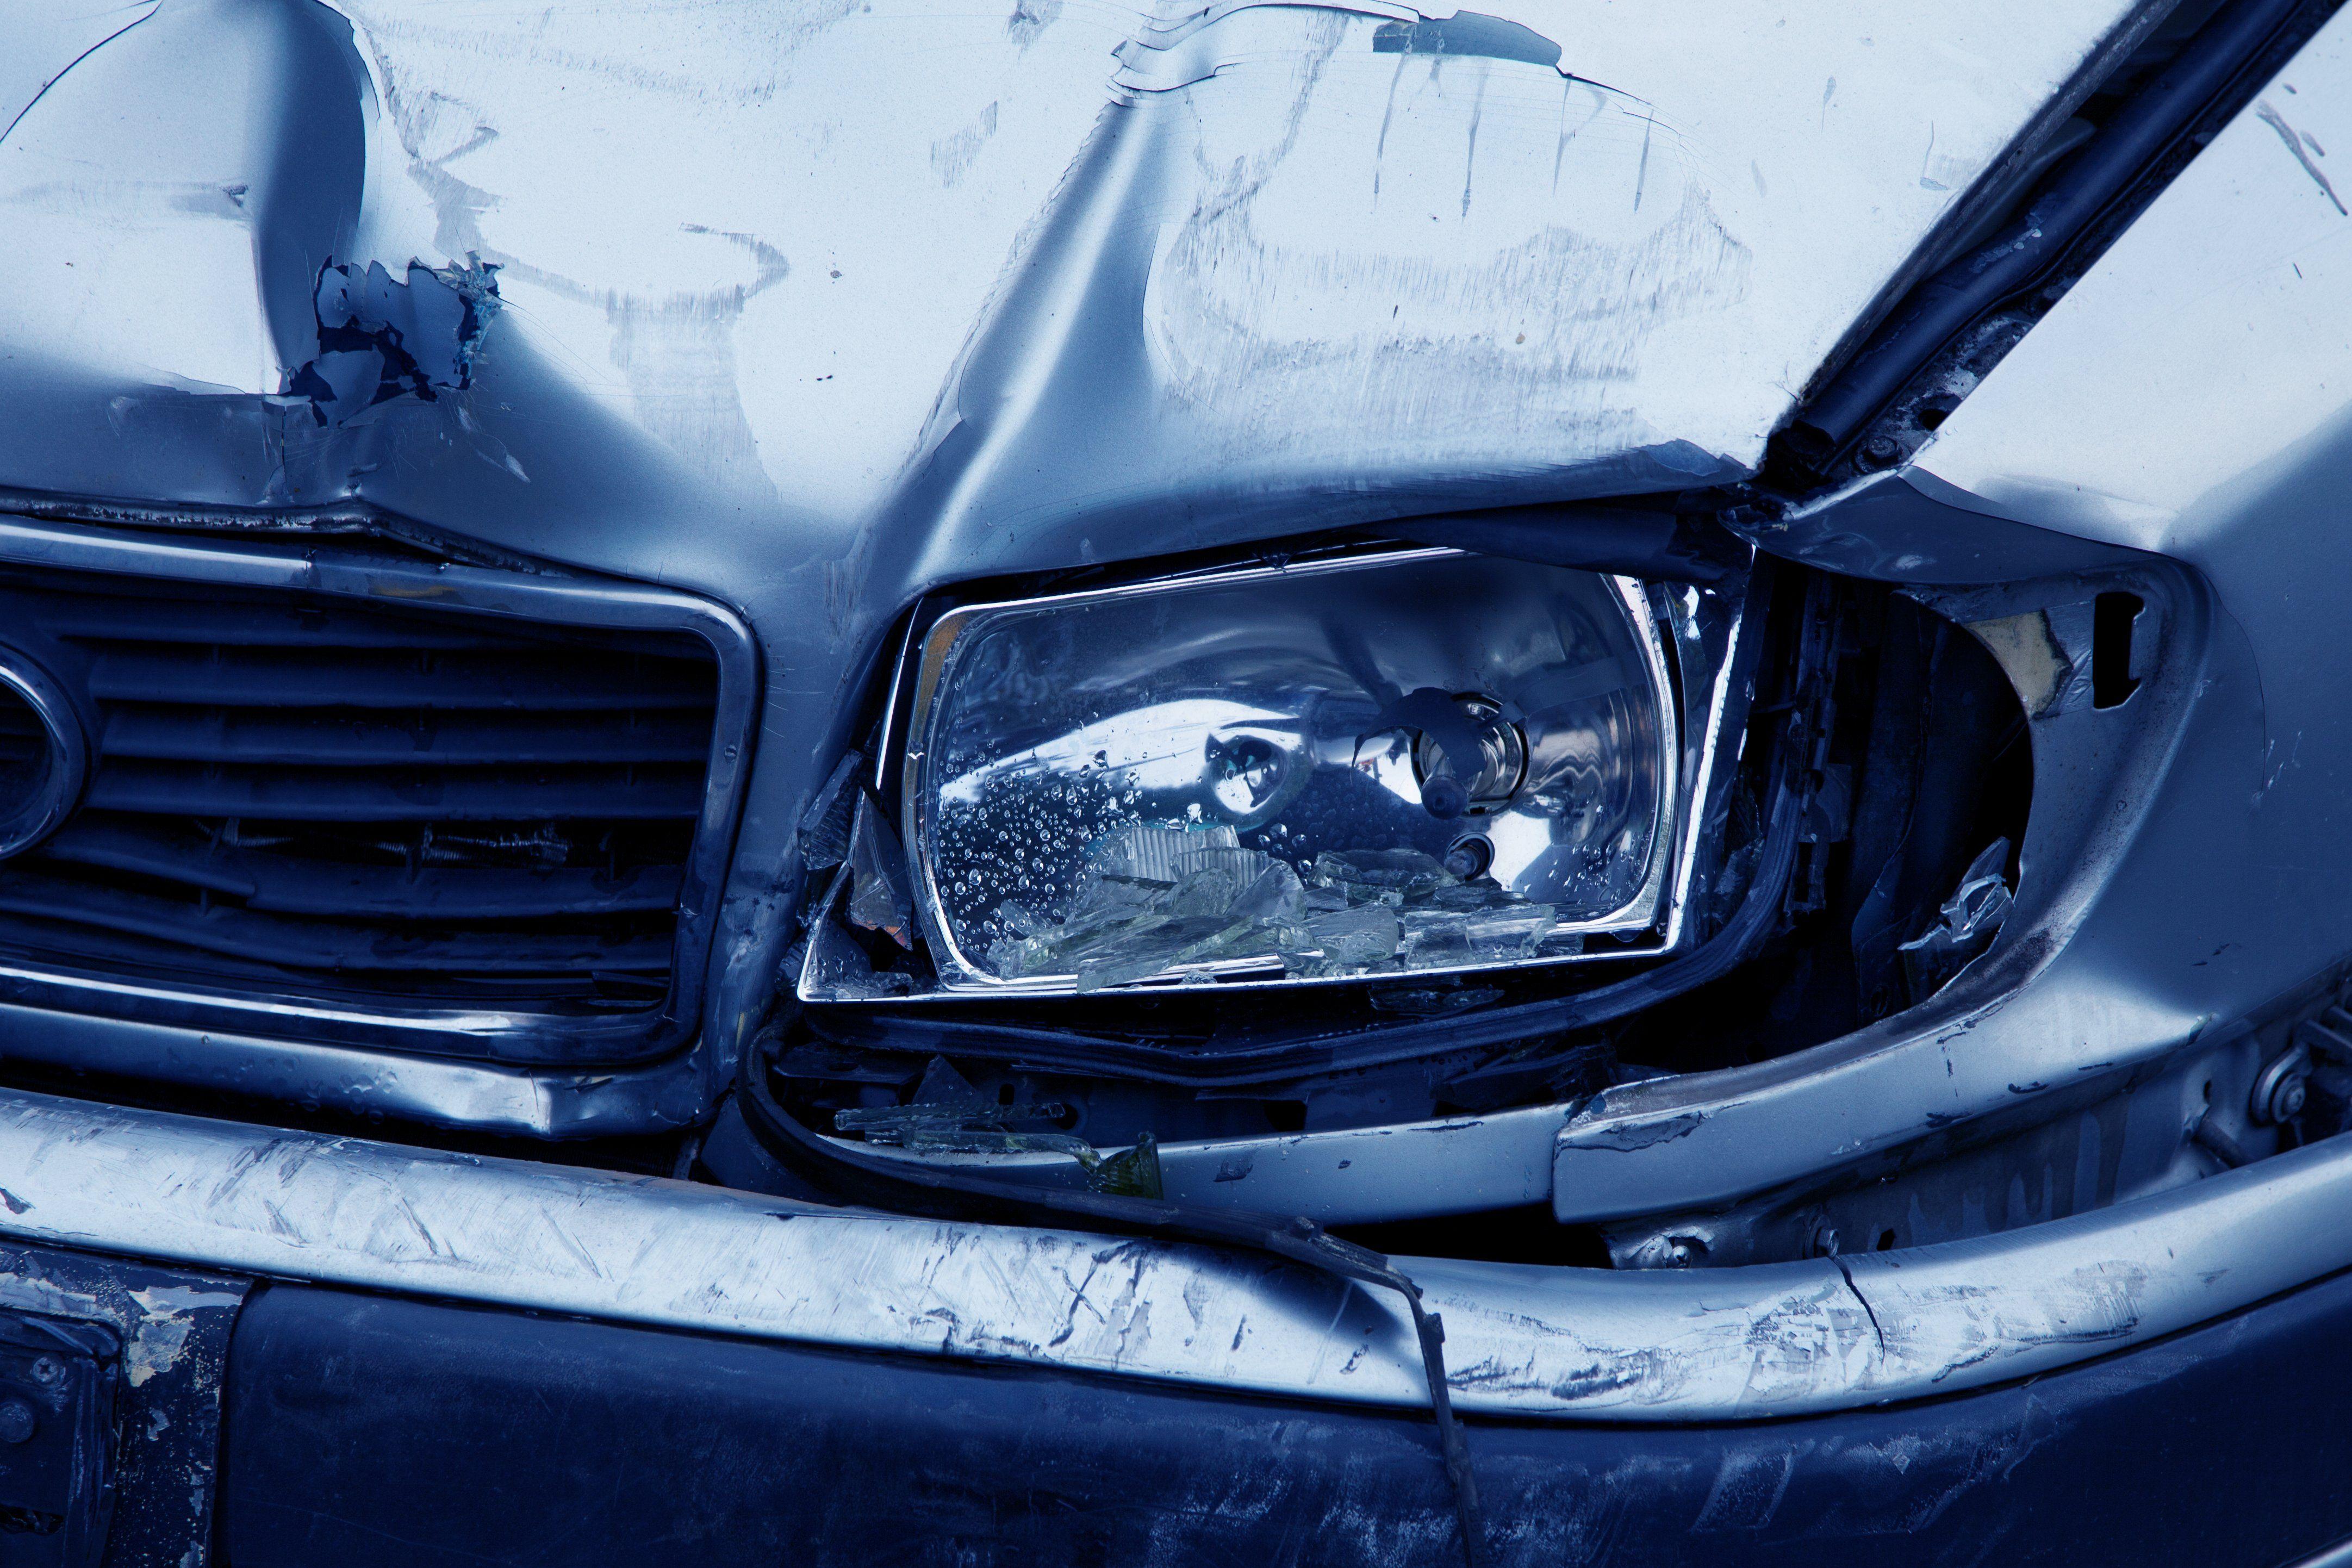 Gdzie szybko pożyczyć pieniądze na naprawę samochodu? 12